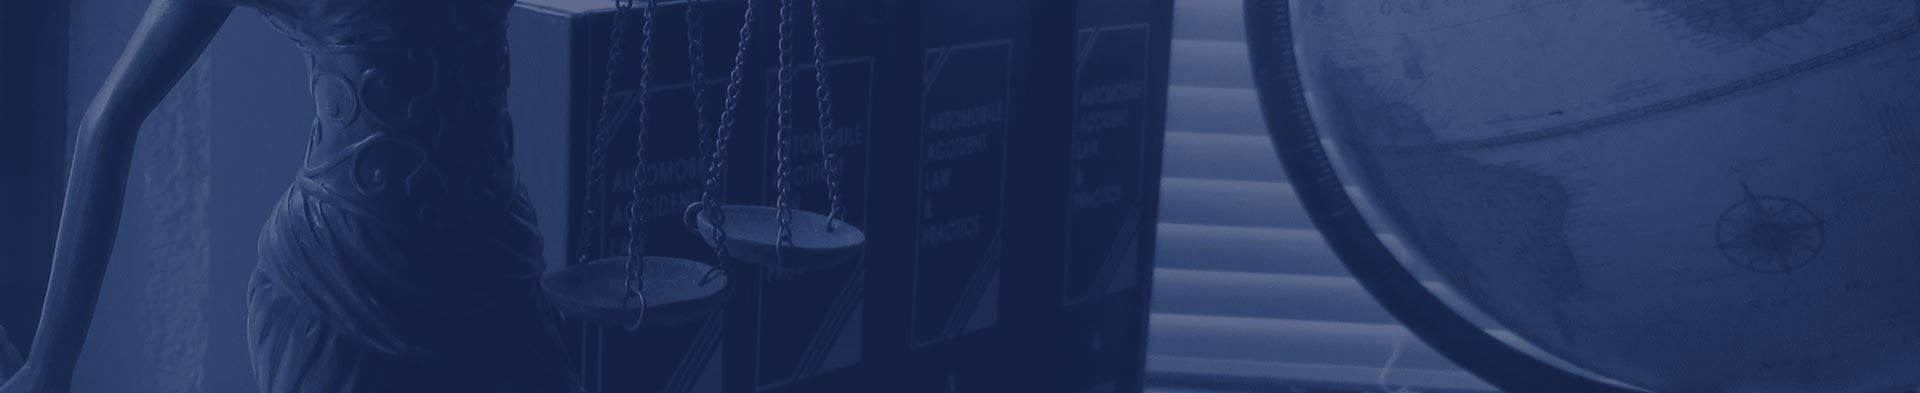 Deol Lawyers